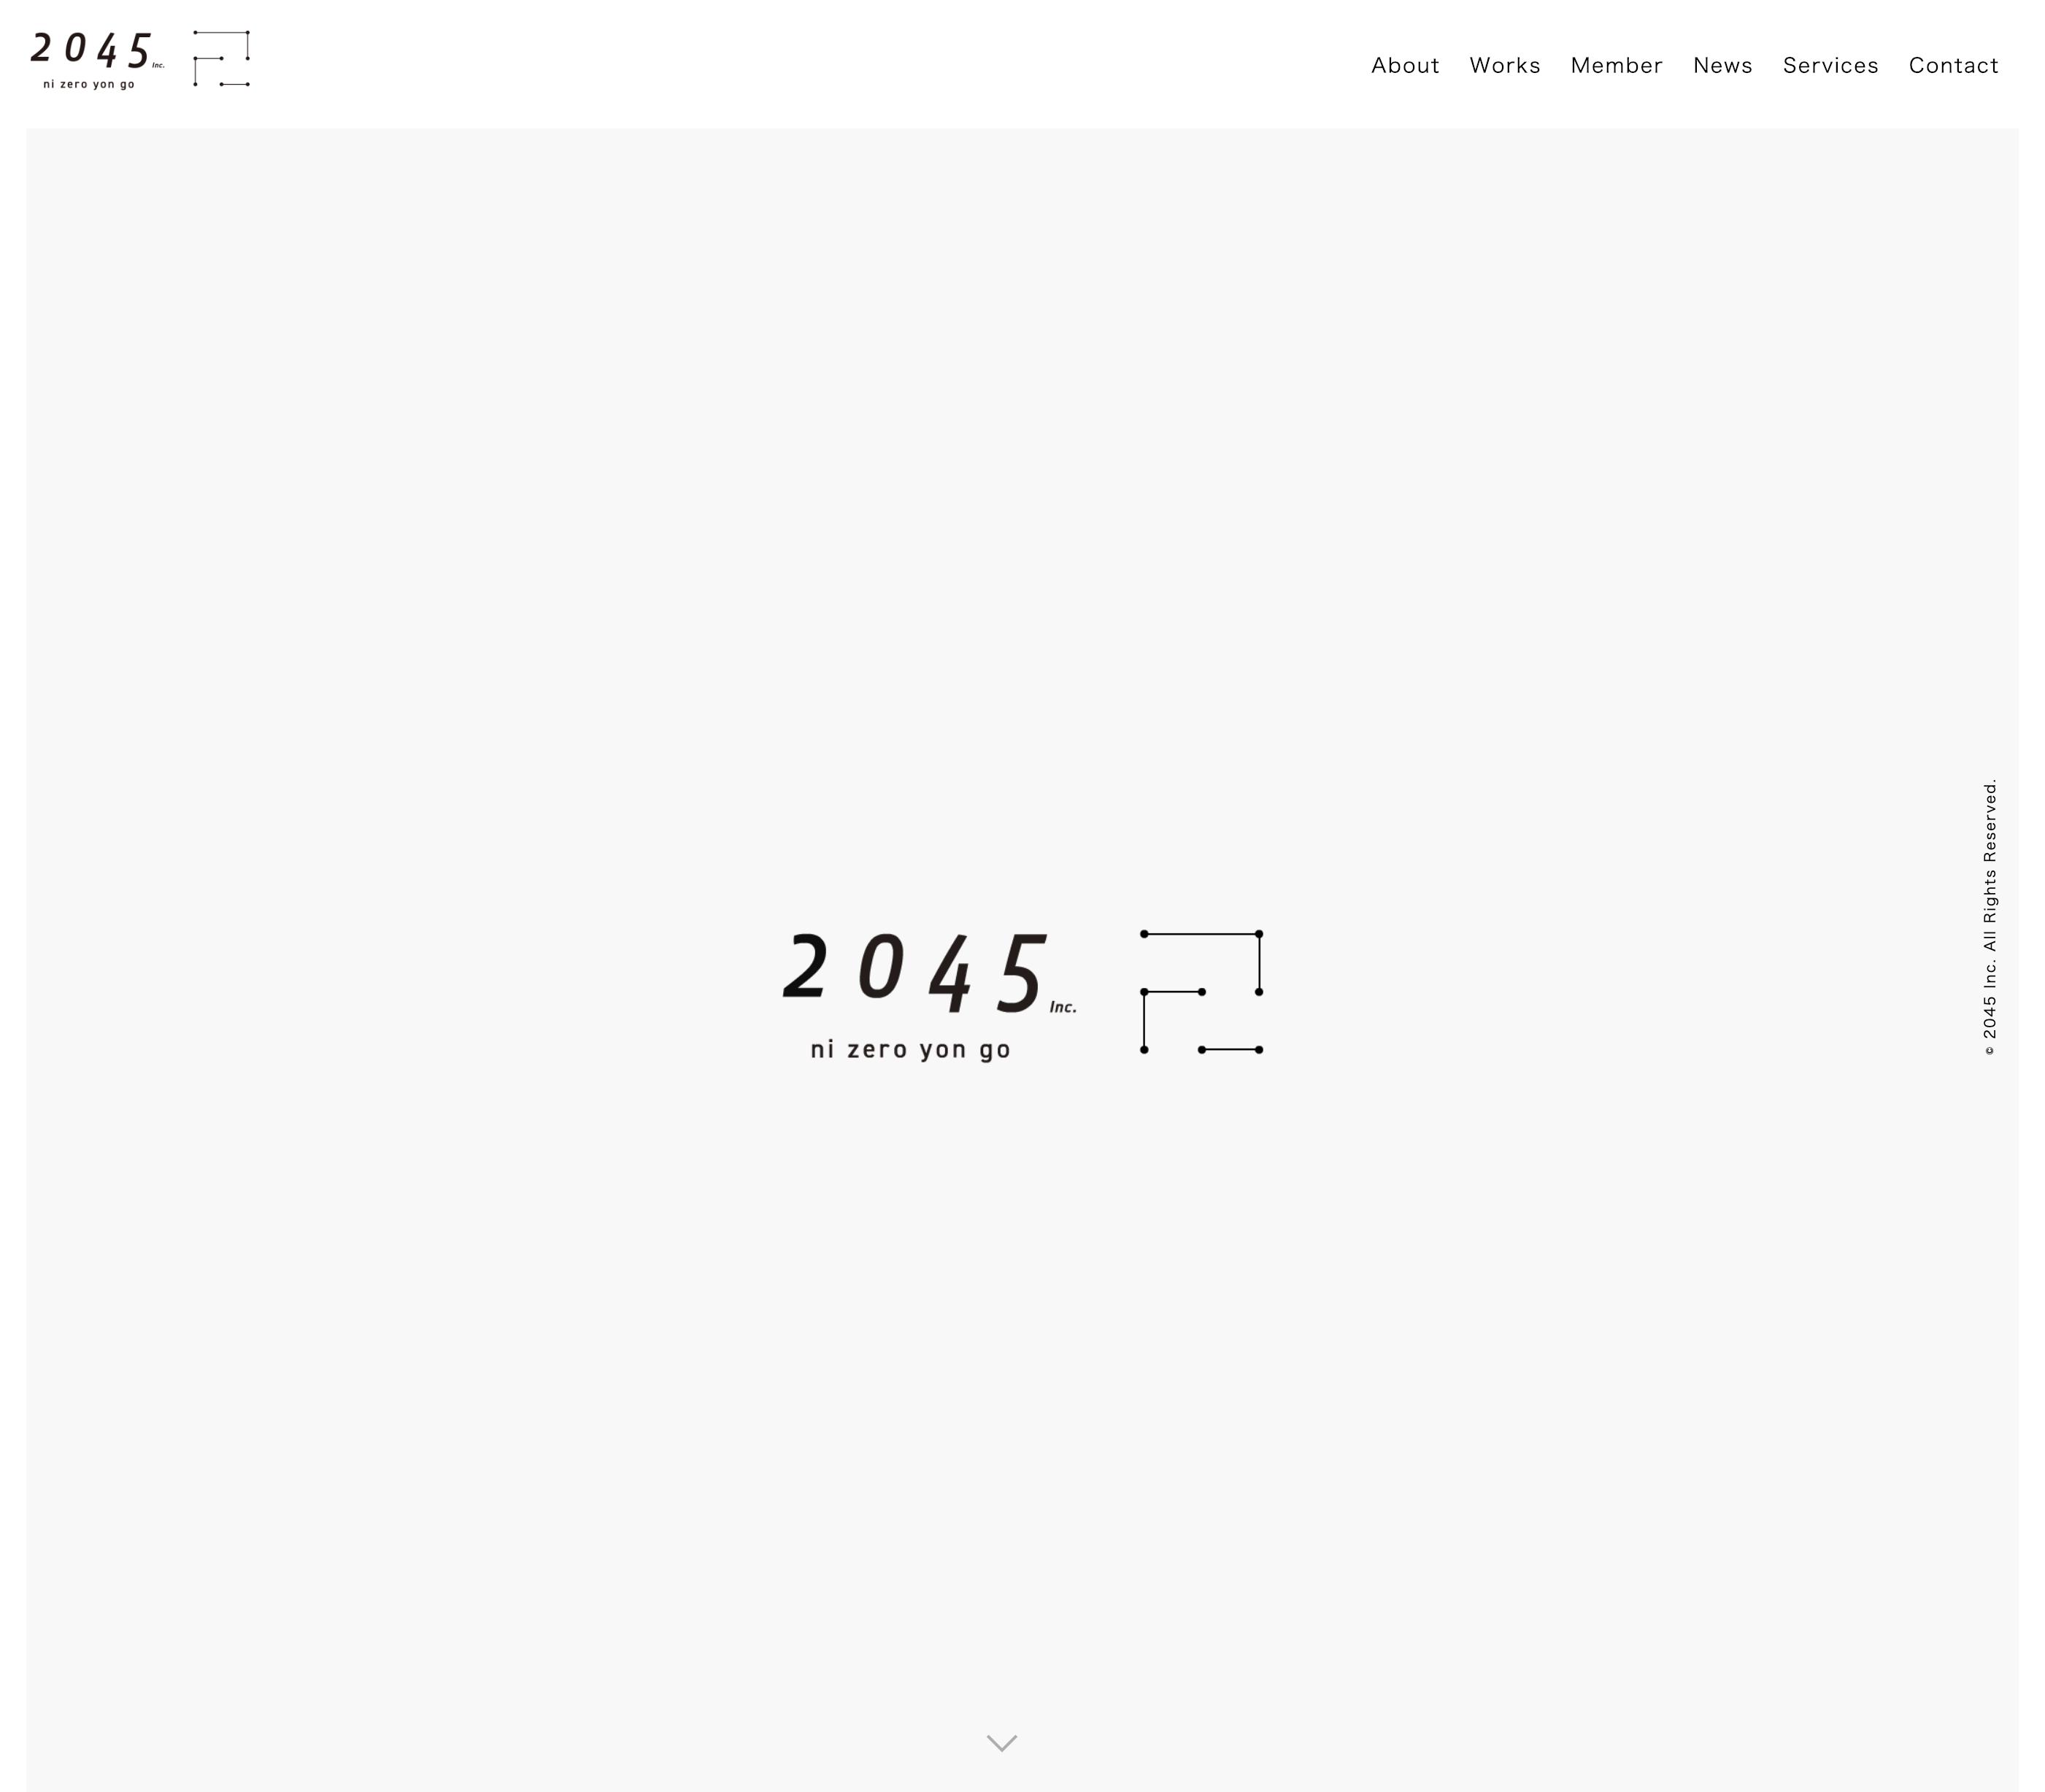 2045株式会社コーポレートサイト by シングメディア